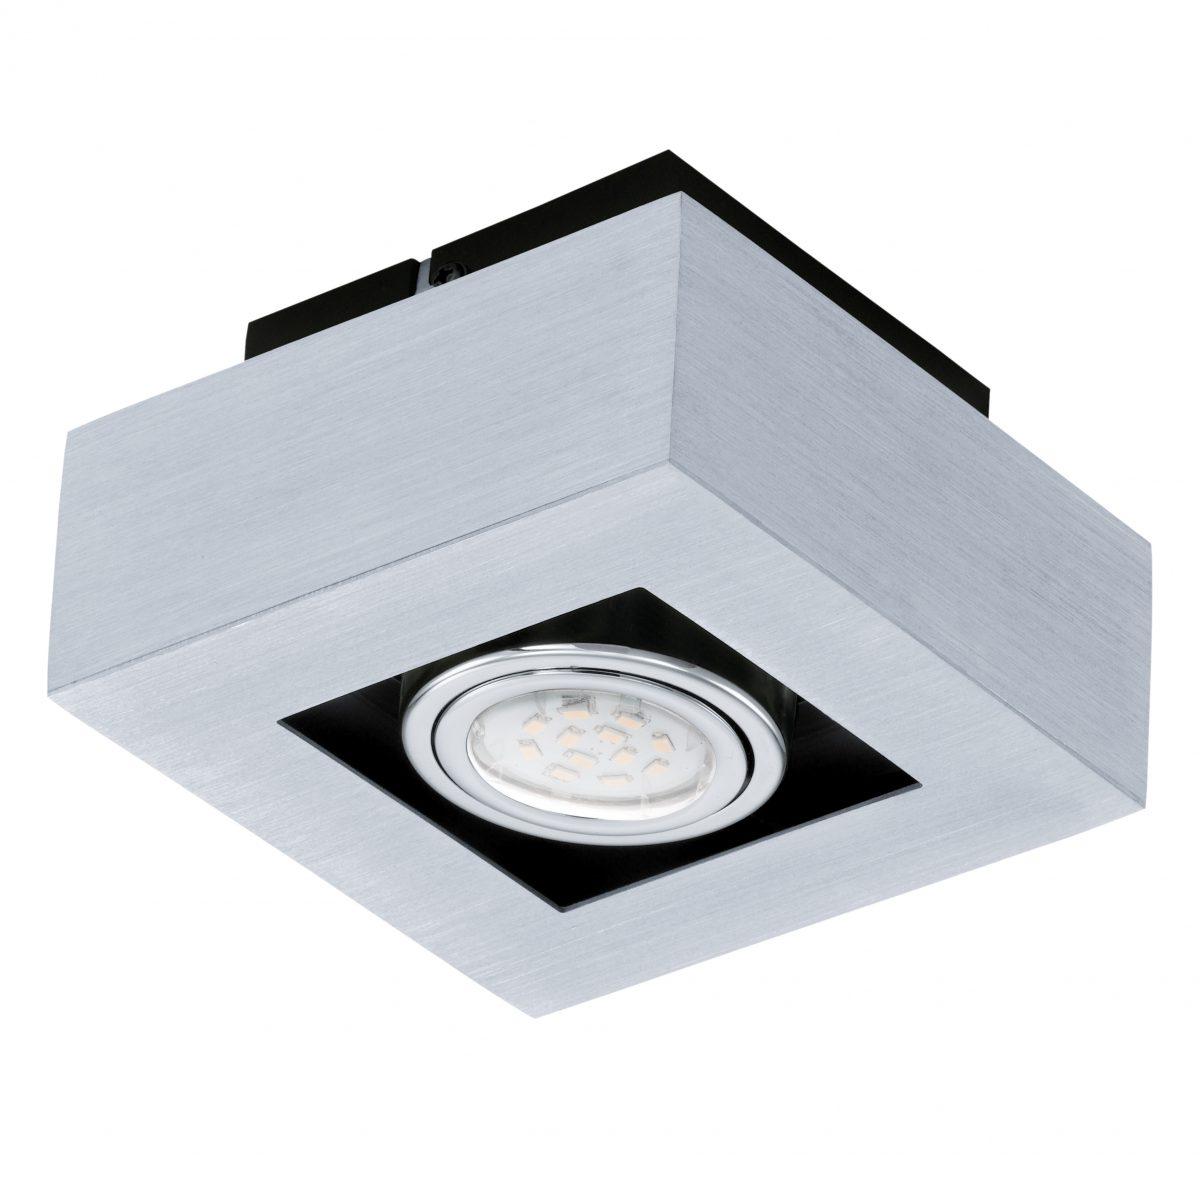 Светильник настенно-потолочный LOKE EGLO 91352 - Фото №28